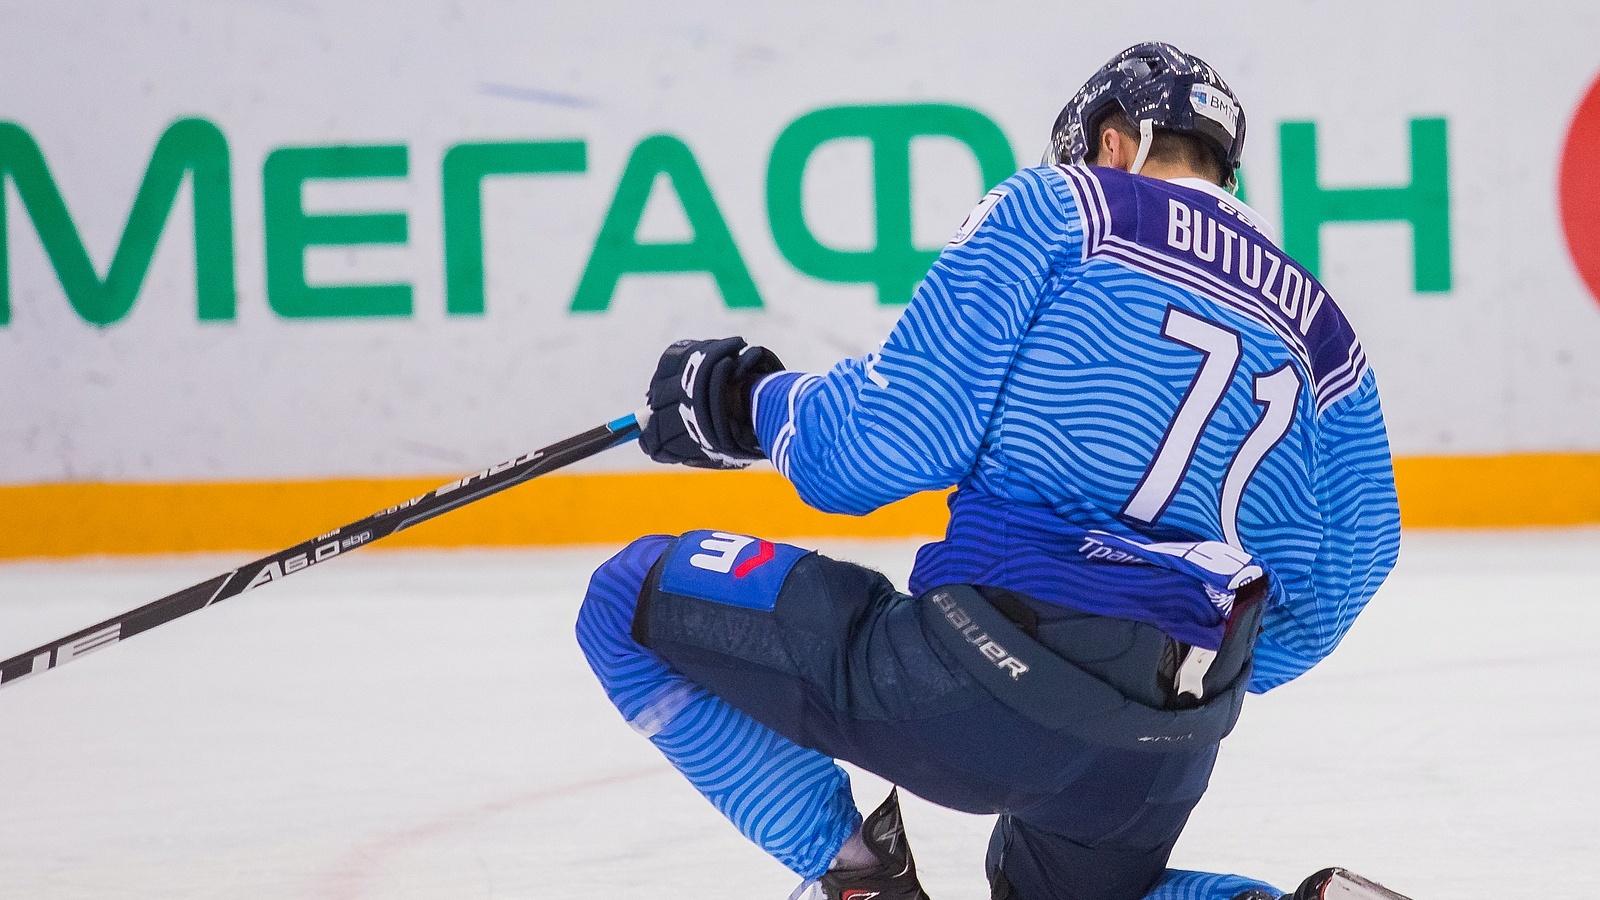 Прогноз на КХЛ: Спартак – Адмирал – 5 сентября 2018 года